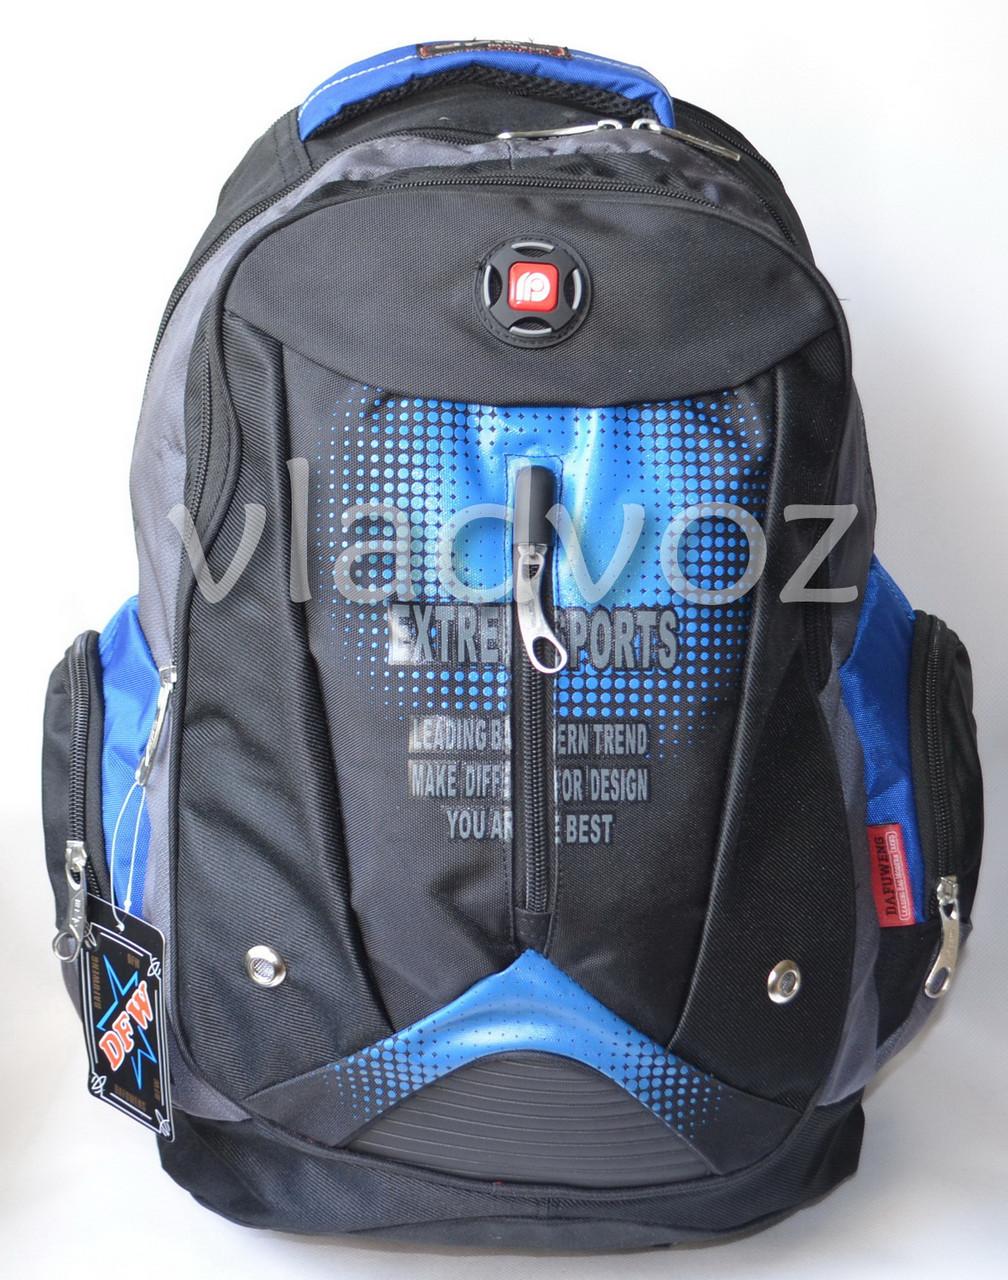 Школьный рюкзак для мальчиков extreme sports DFW чёрный - интернет-магазин vladvozsklad киевстар 0681044912, лайф 0932504050 в Николаевской области